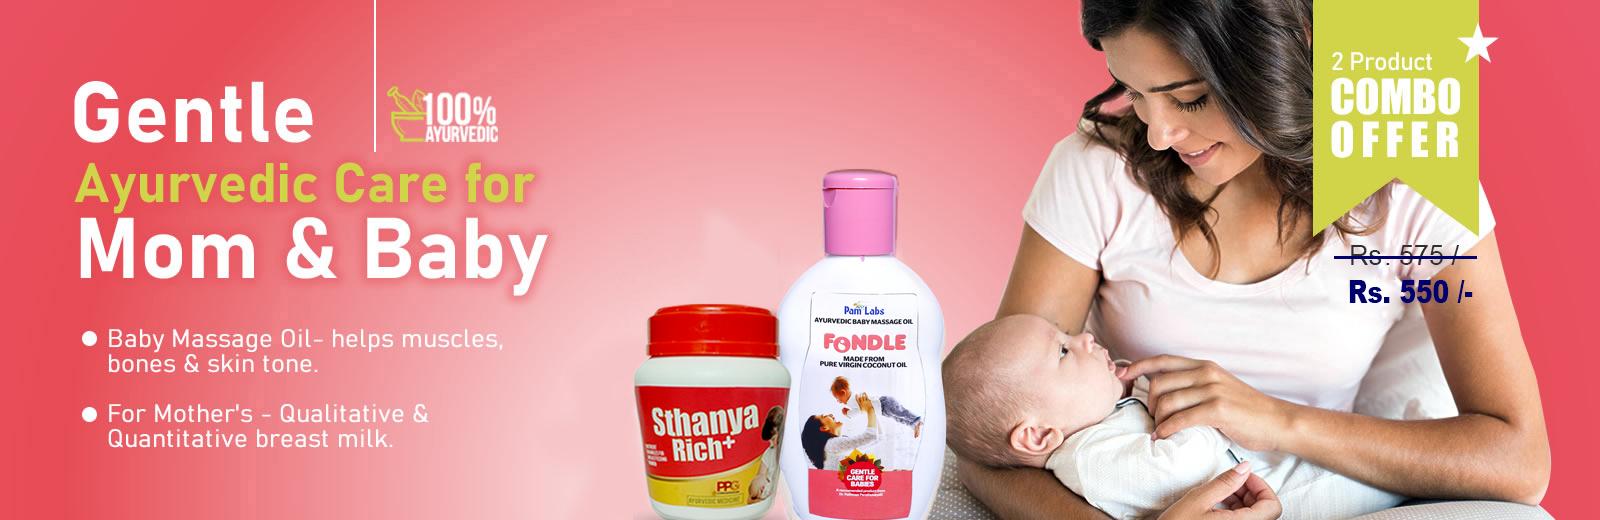 ayurvedic medicine manufacturers in kerala